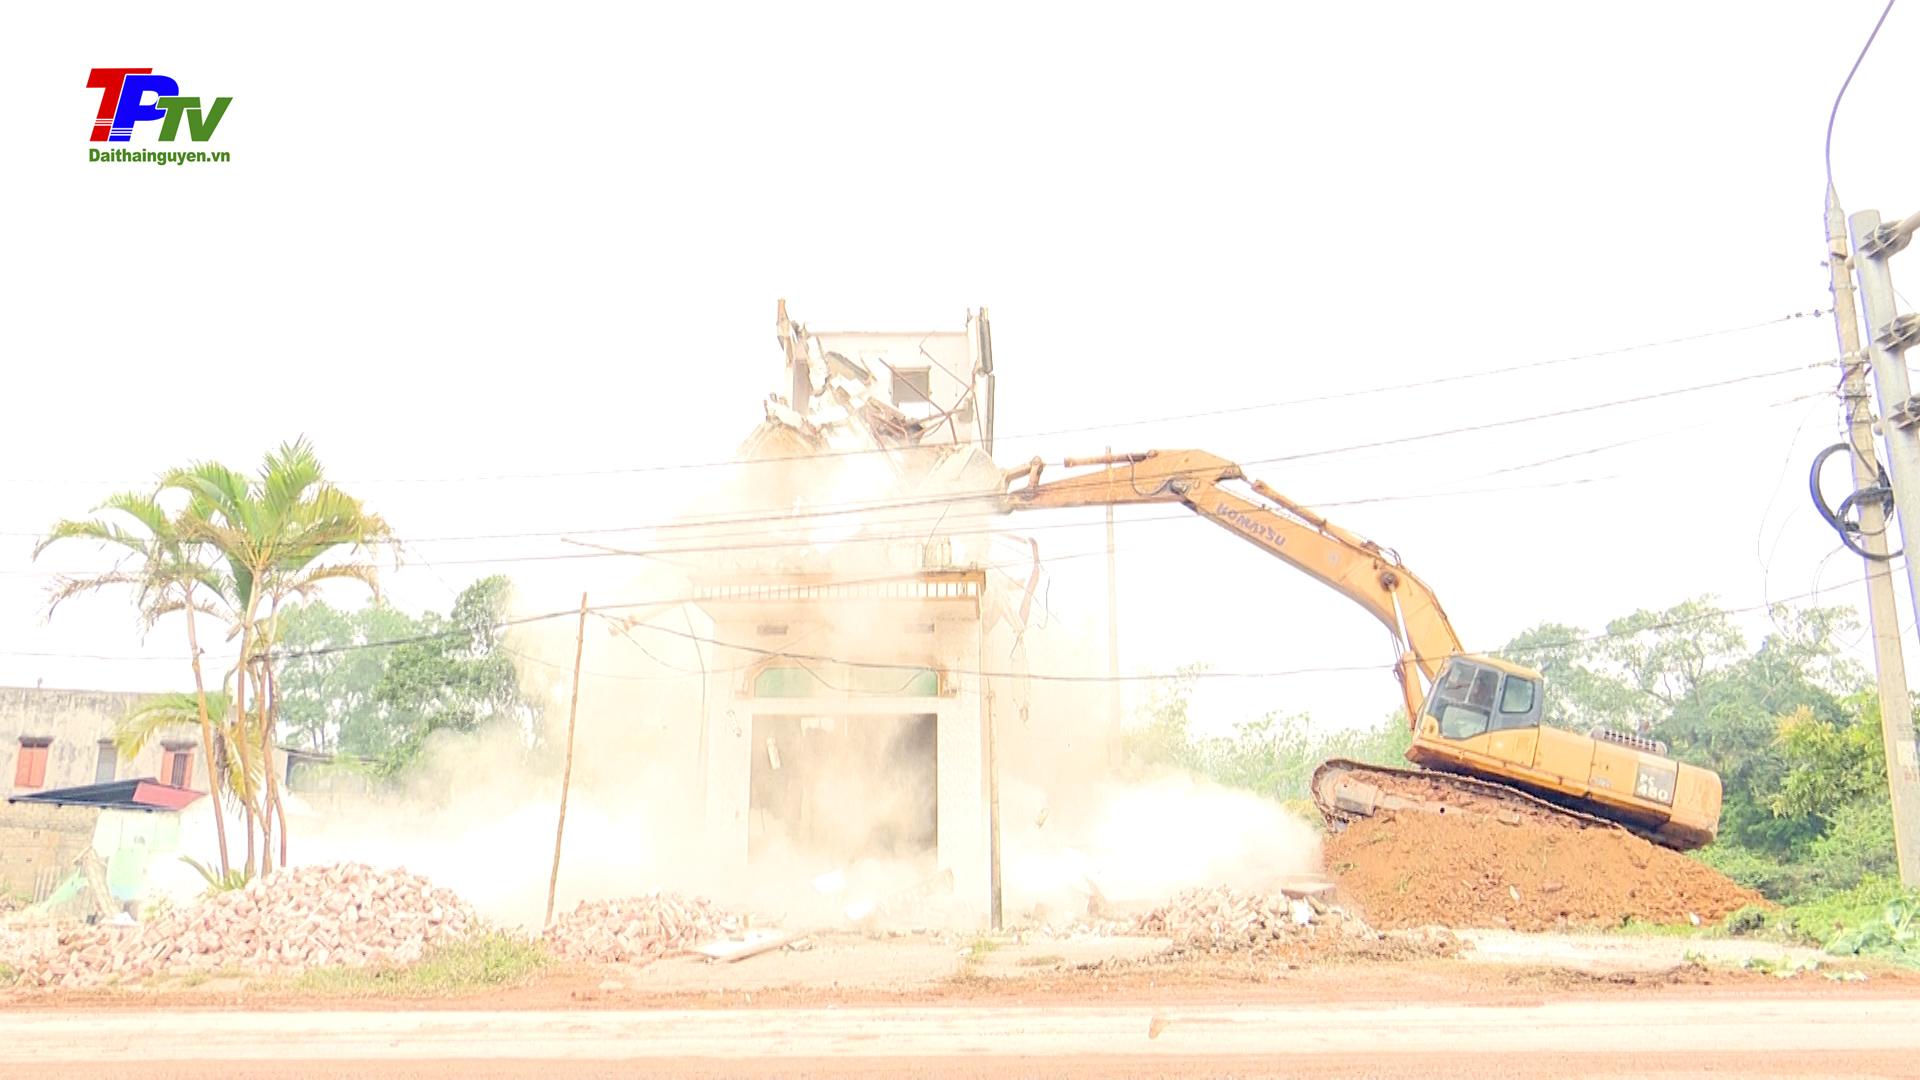 Hoàn thành giải phóng mặt bằng tại khu vực điểm cuối của Dự án đường Bắc Sơn kéo dài.